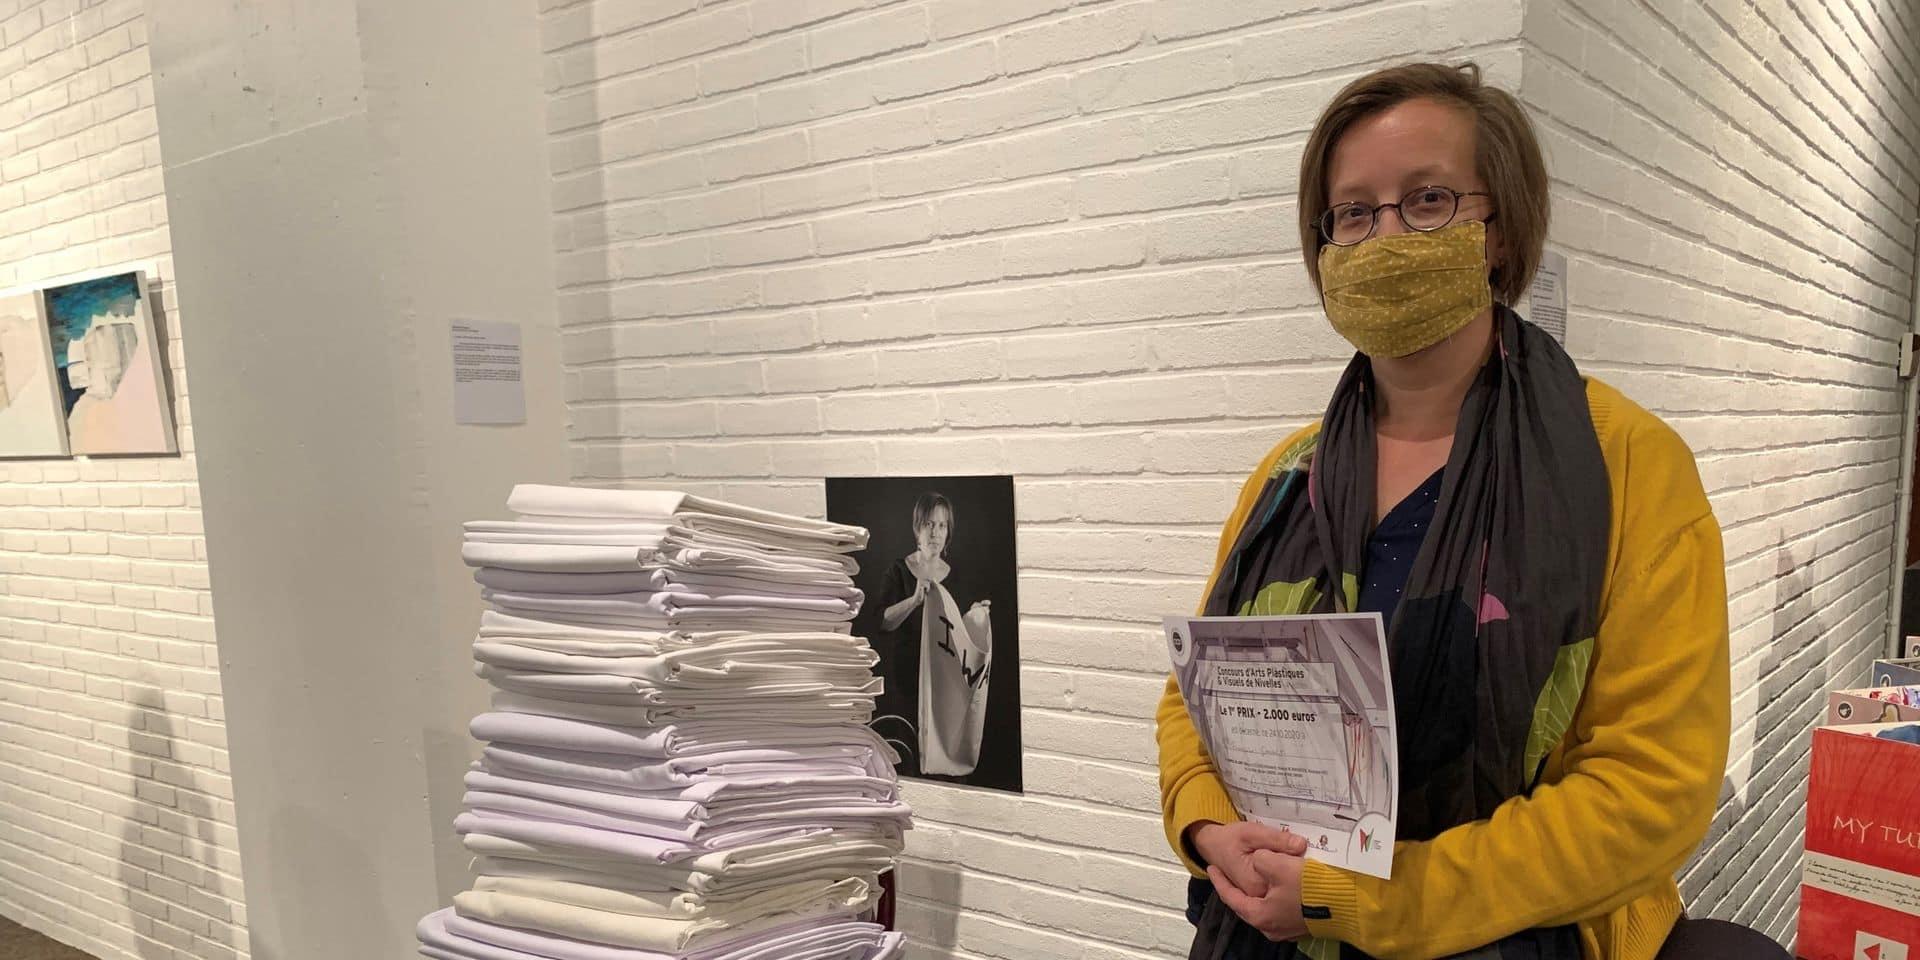 Les artistes soutenus à Nivelles, malgré la crise